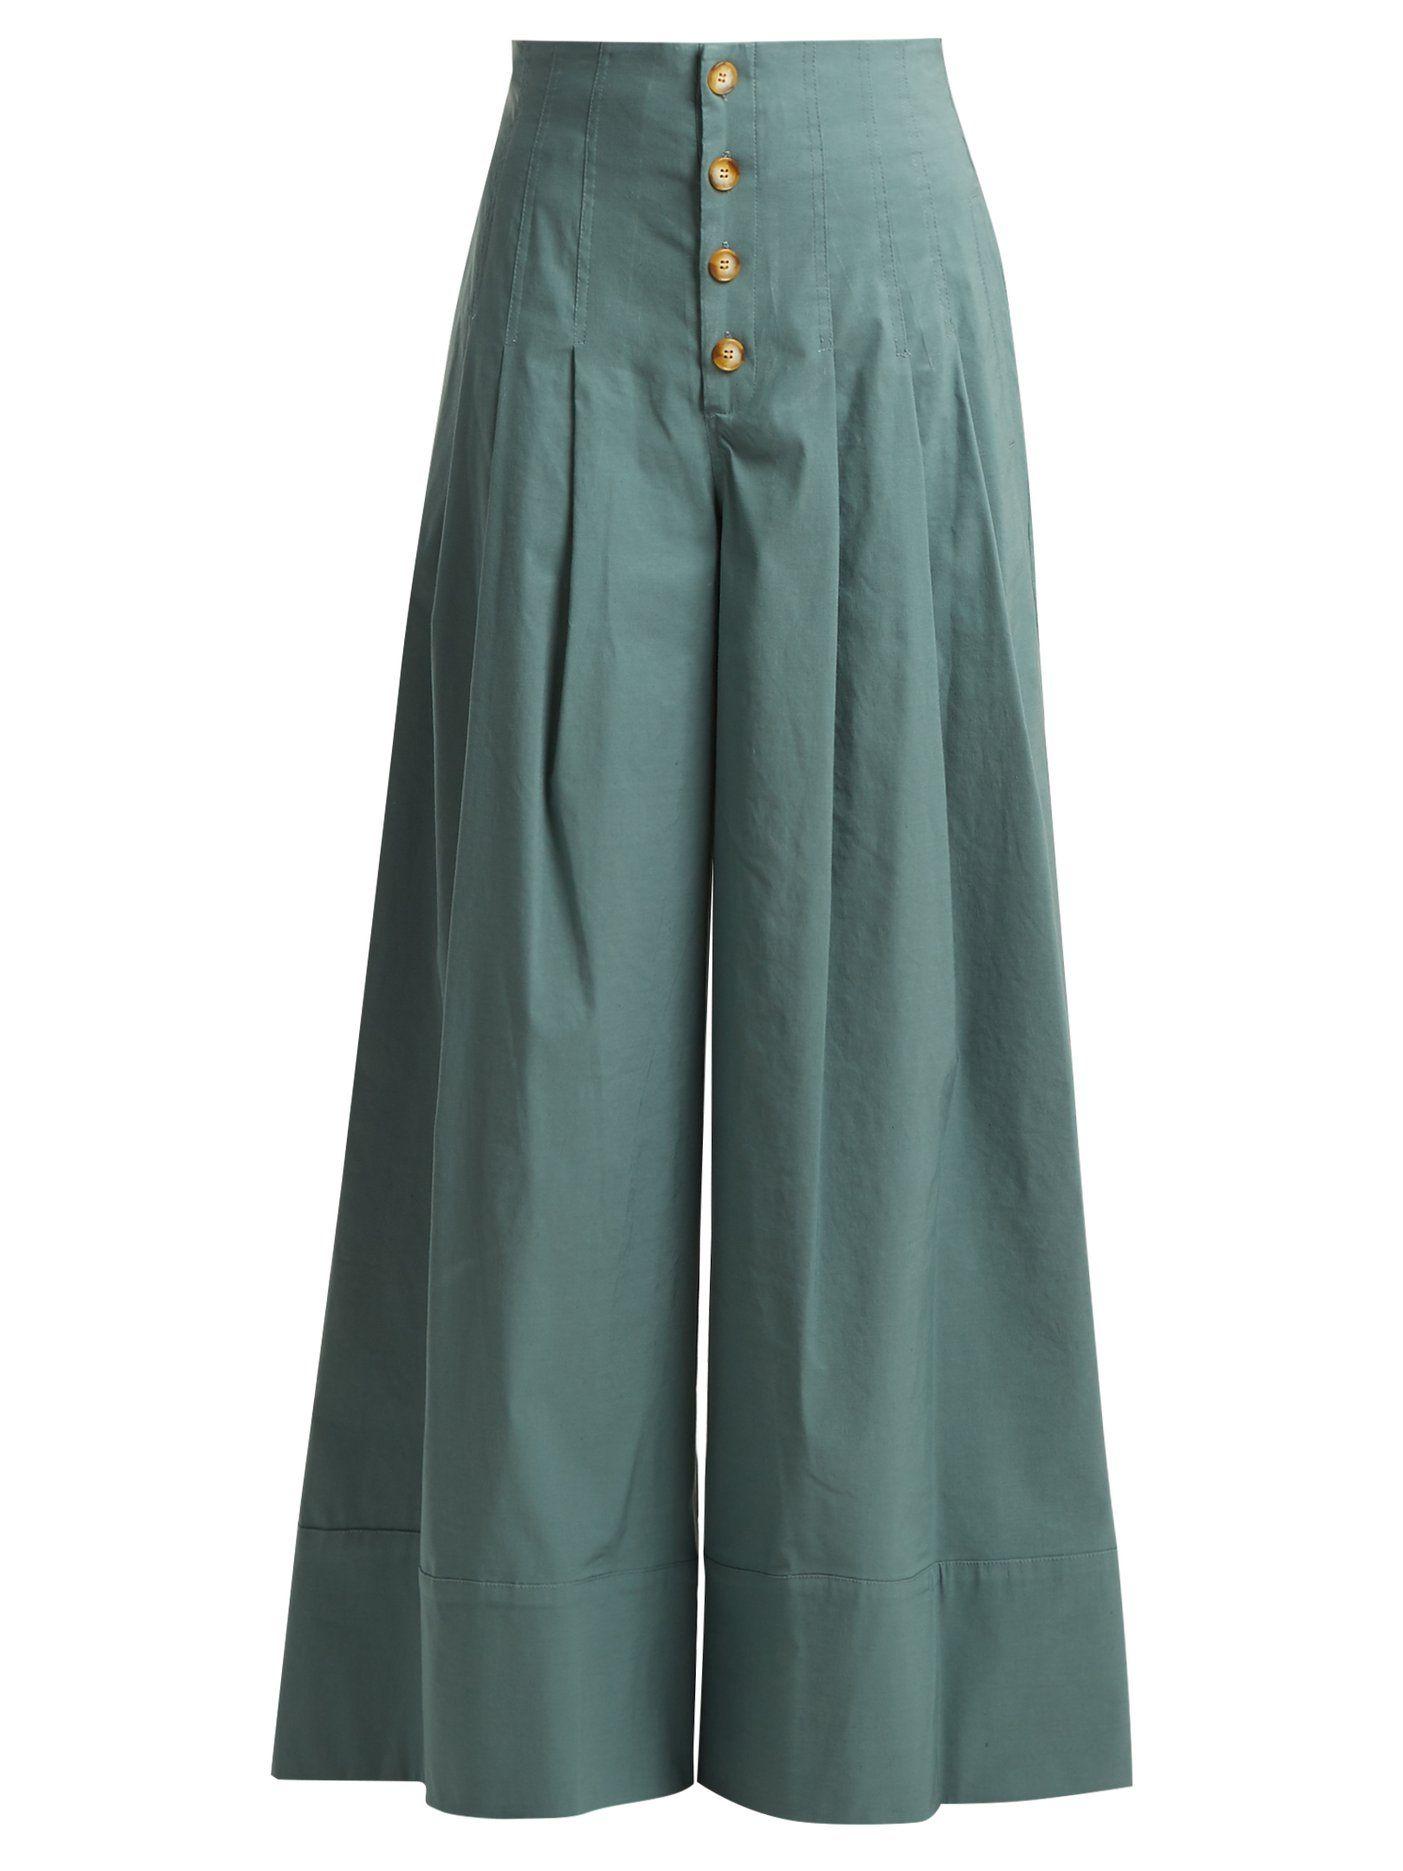 190 Ideas De Pantalones Anchos En 2021 Ropa Pantalones Anchos Moda